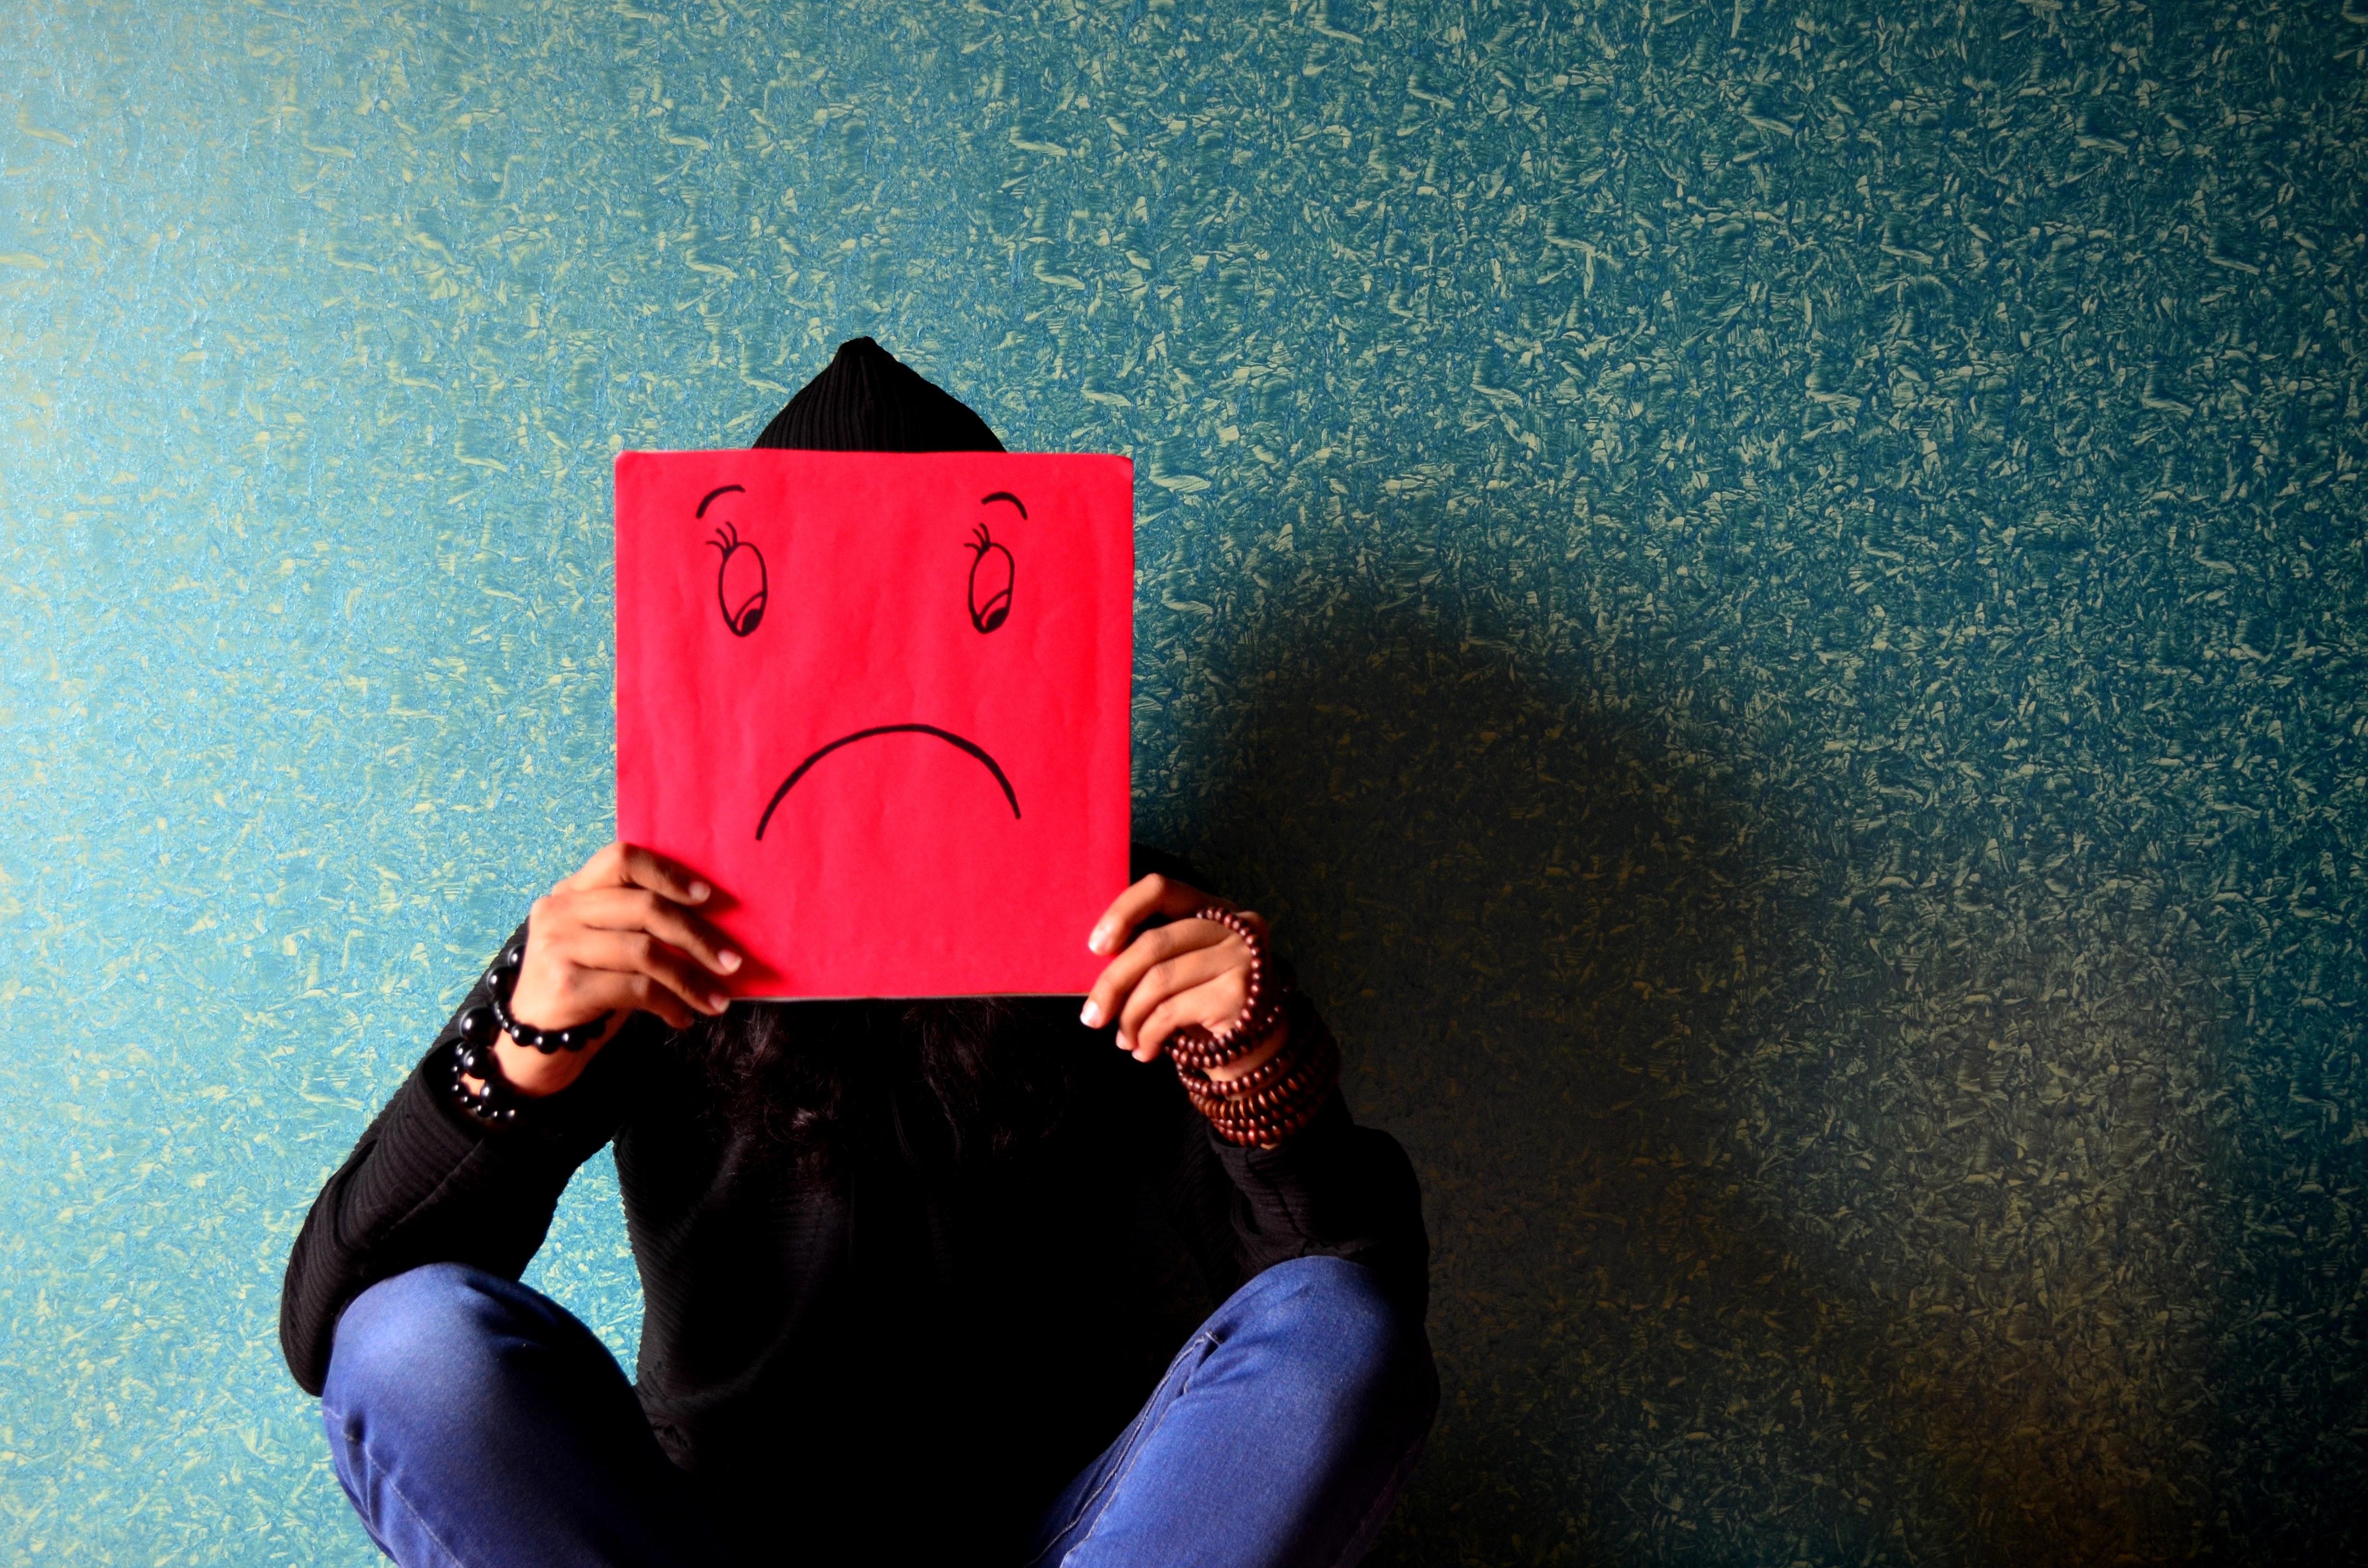 Man showing sad